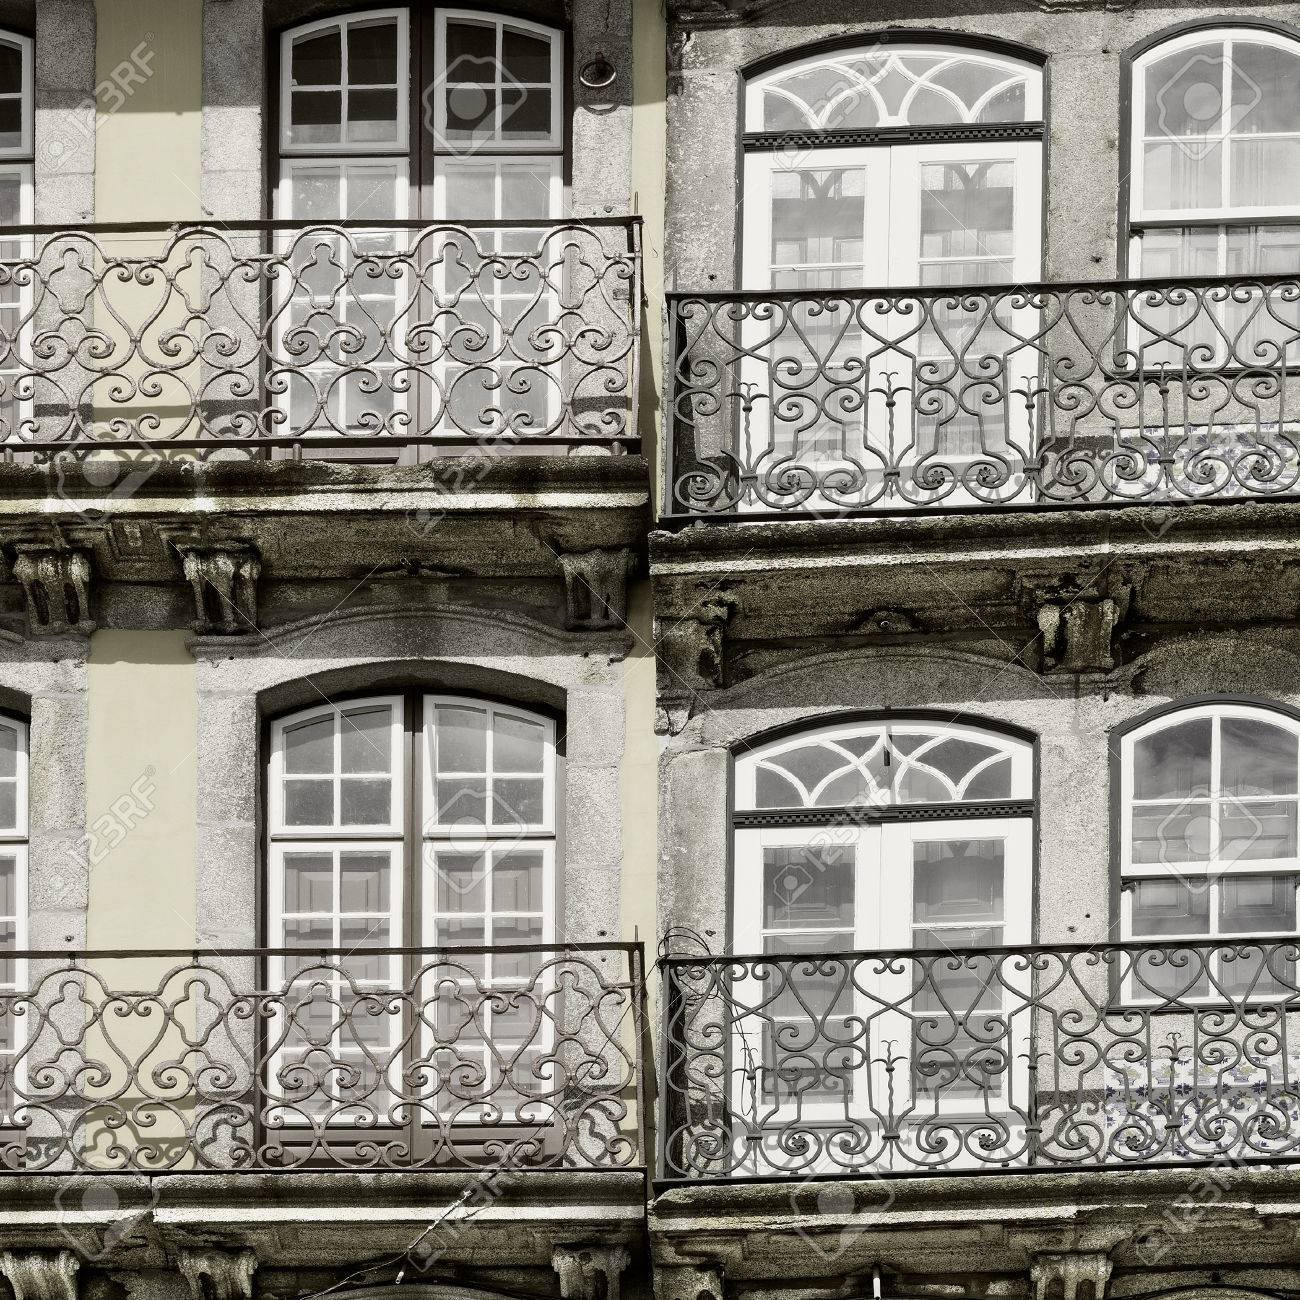 Fachada de la casa vieja del portugus del estilo del vintage enton la imagen